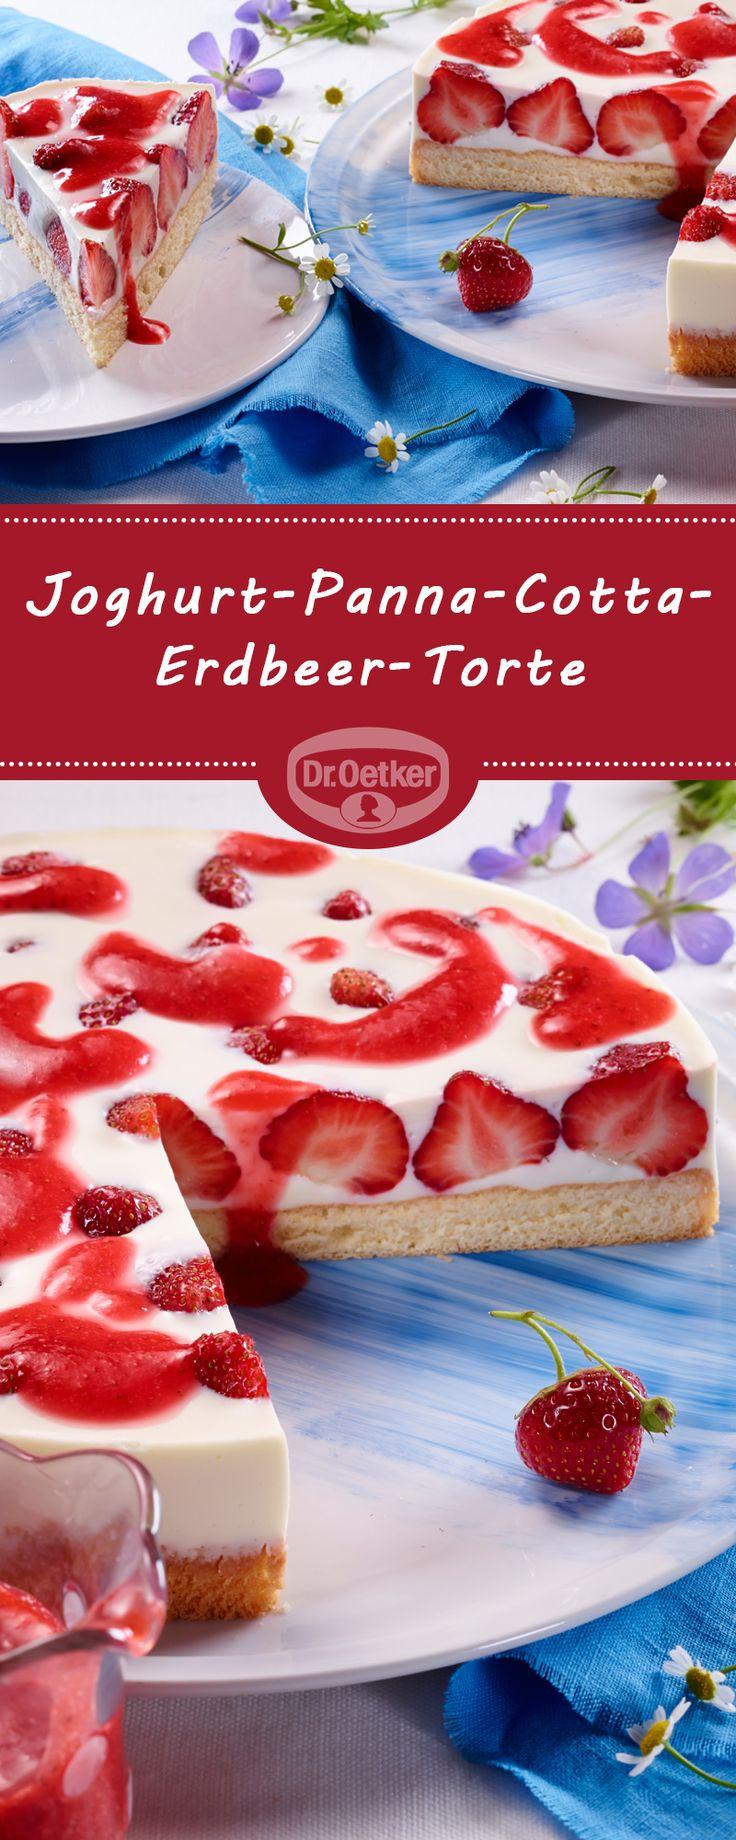 Yoghurt-Panna-Cotta-Erdbeer-Torte: Loose biscuit with delicious cream filling, …  – Zauberhafte Torten-Rezepte